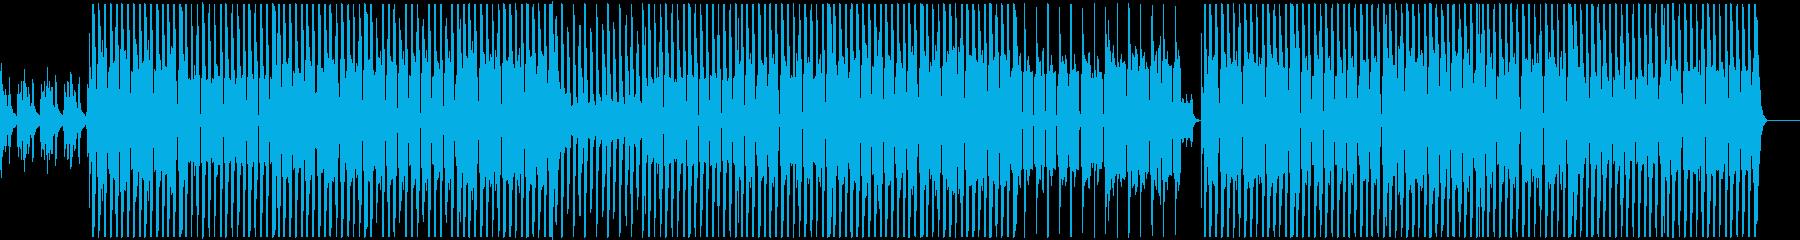 カンフー アクション バトル スピードの再生済みの波形